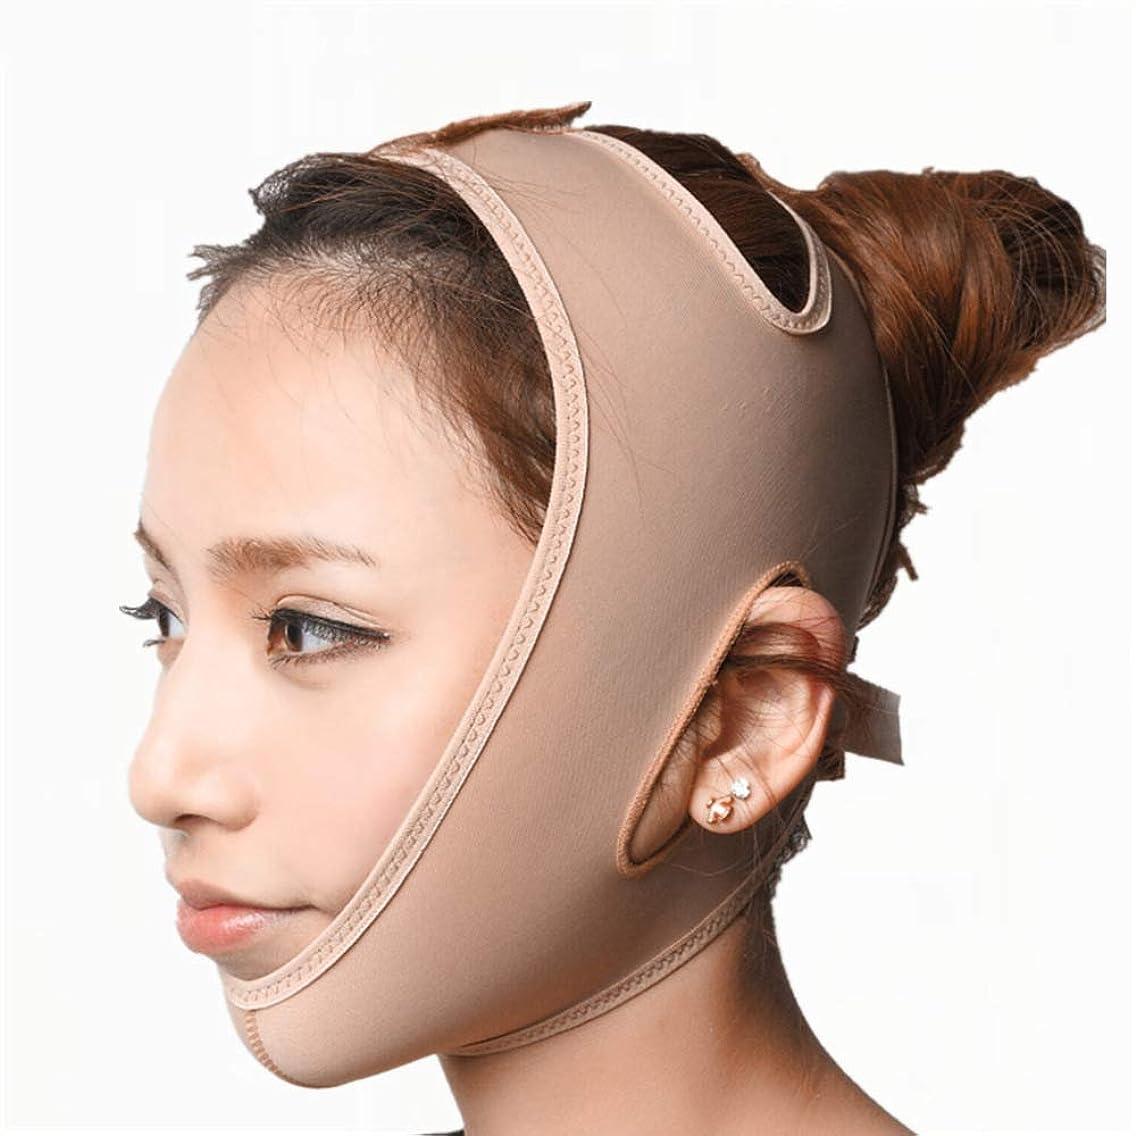 の面では無知着る薄い顔ベルト薄い顔アーティファクトVフェイス包帯マスクフェイシャルマッサージシンダブルチンデバイス